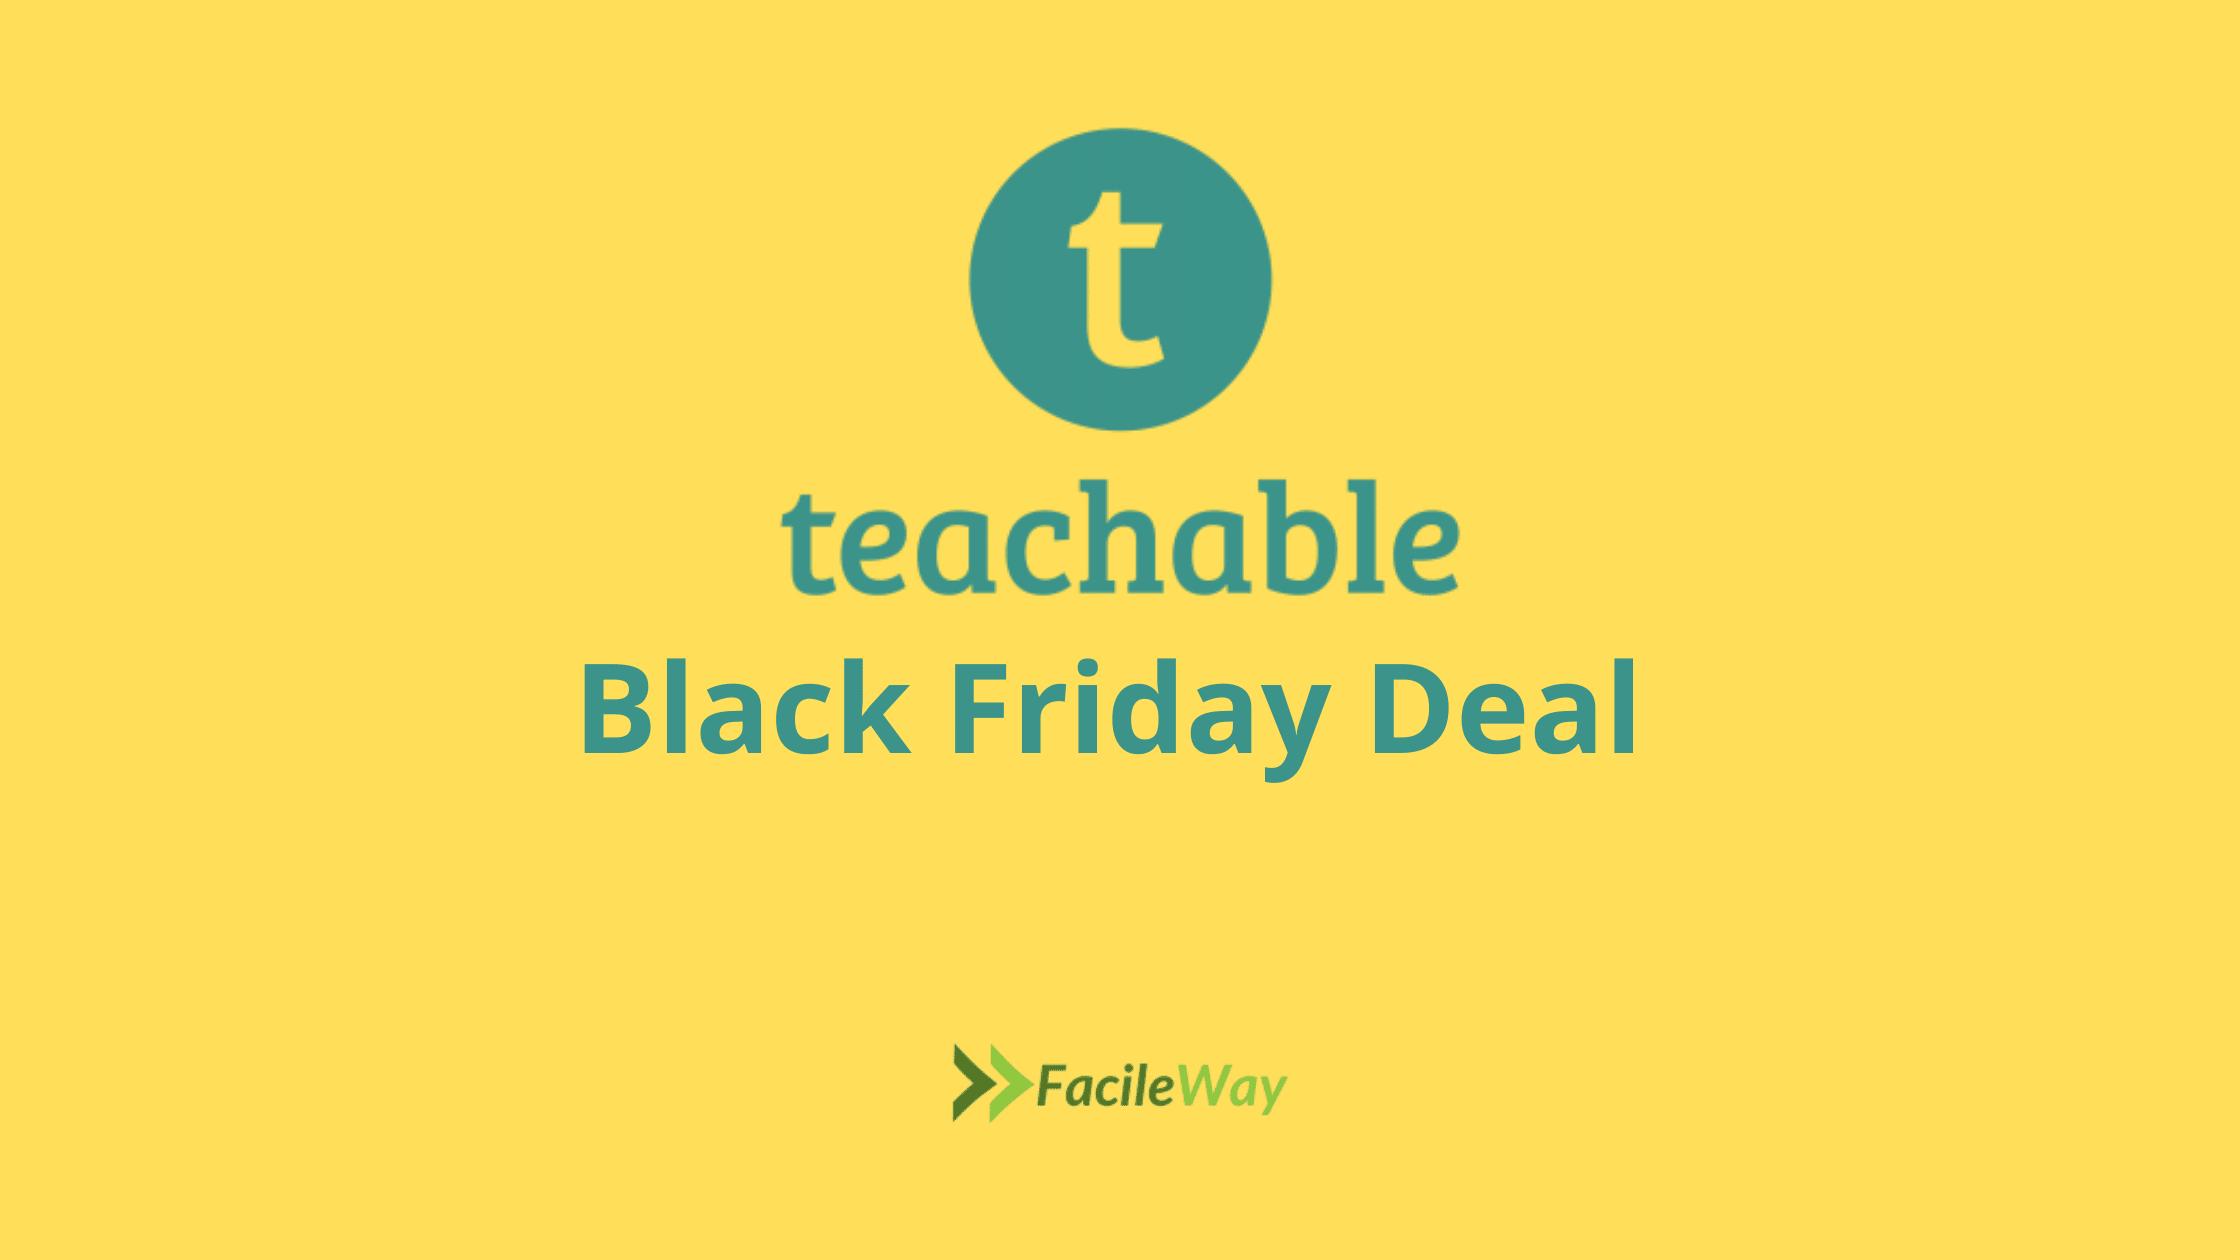 teachable-black-friday-deal.jpg